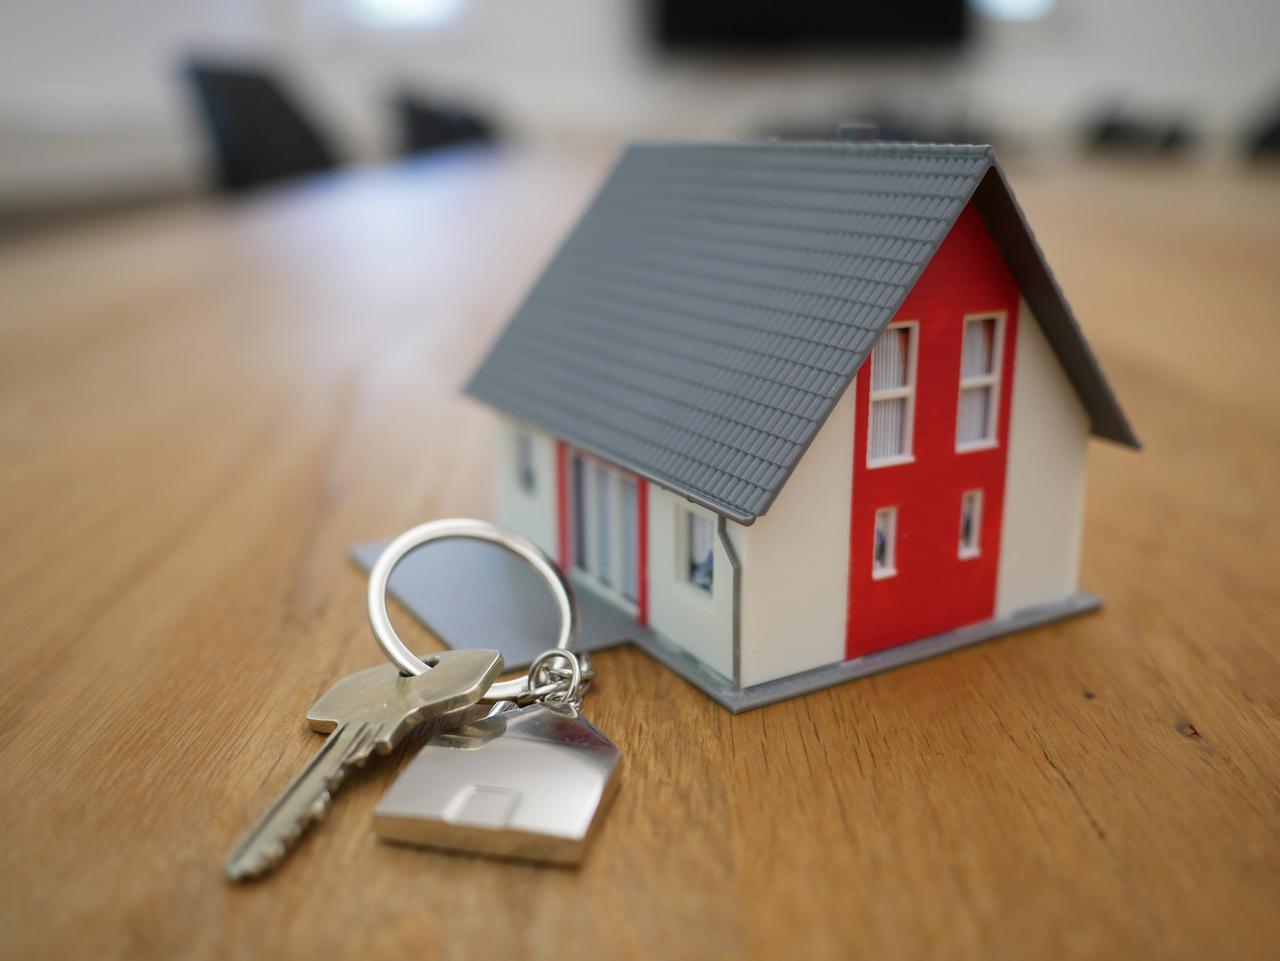 model house next to a set of keys on a desk